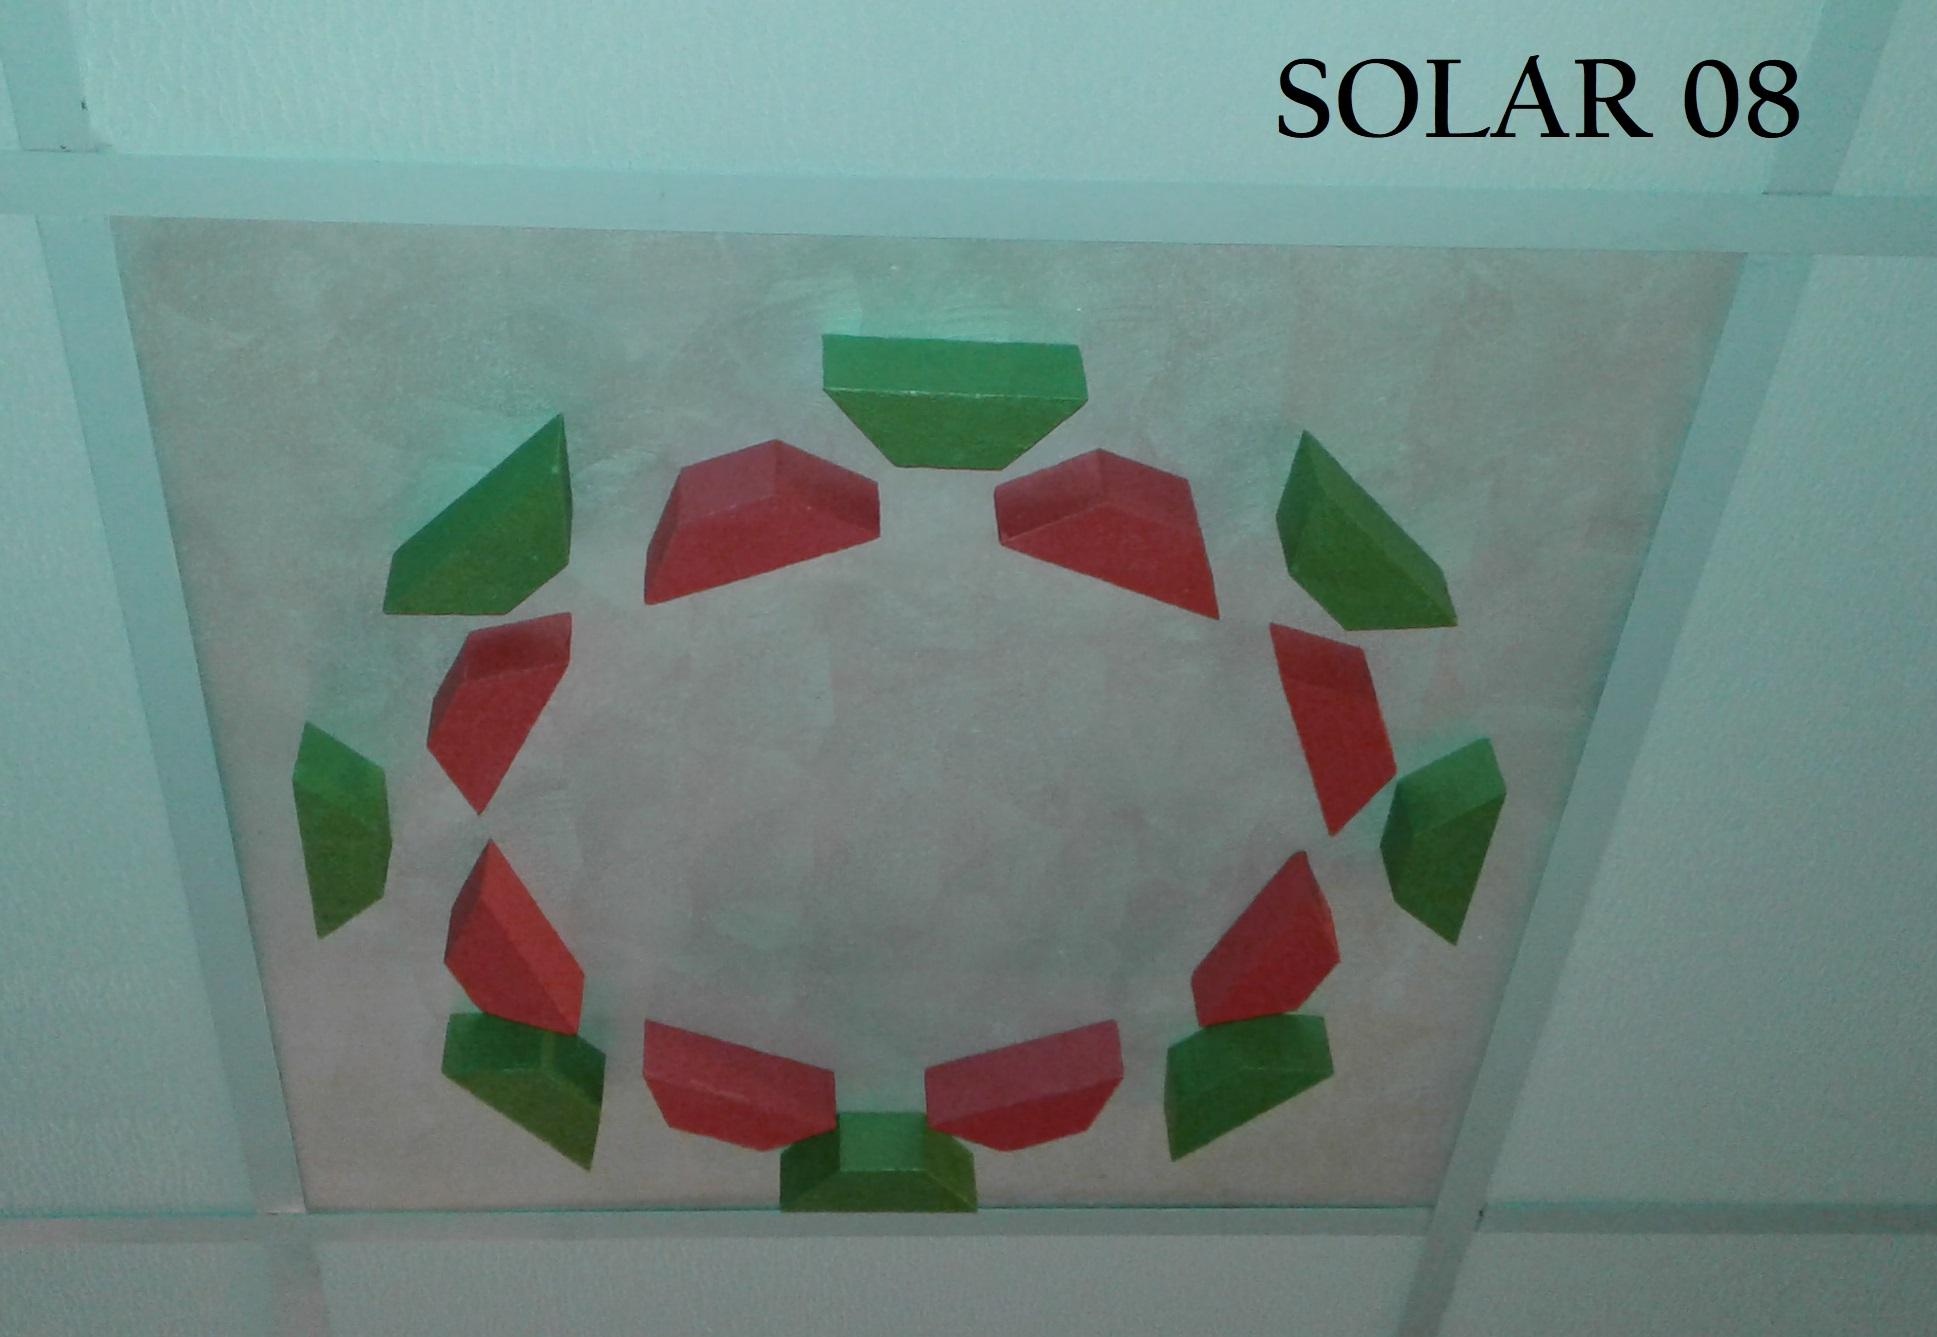 SOLAR 08